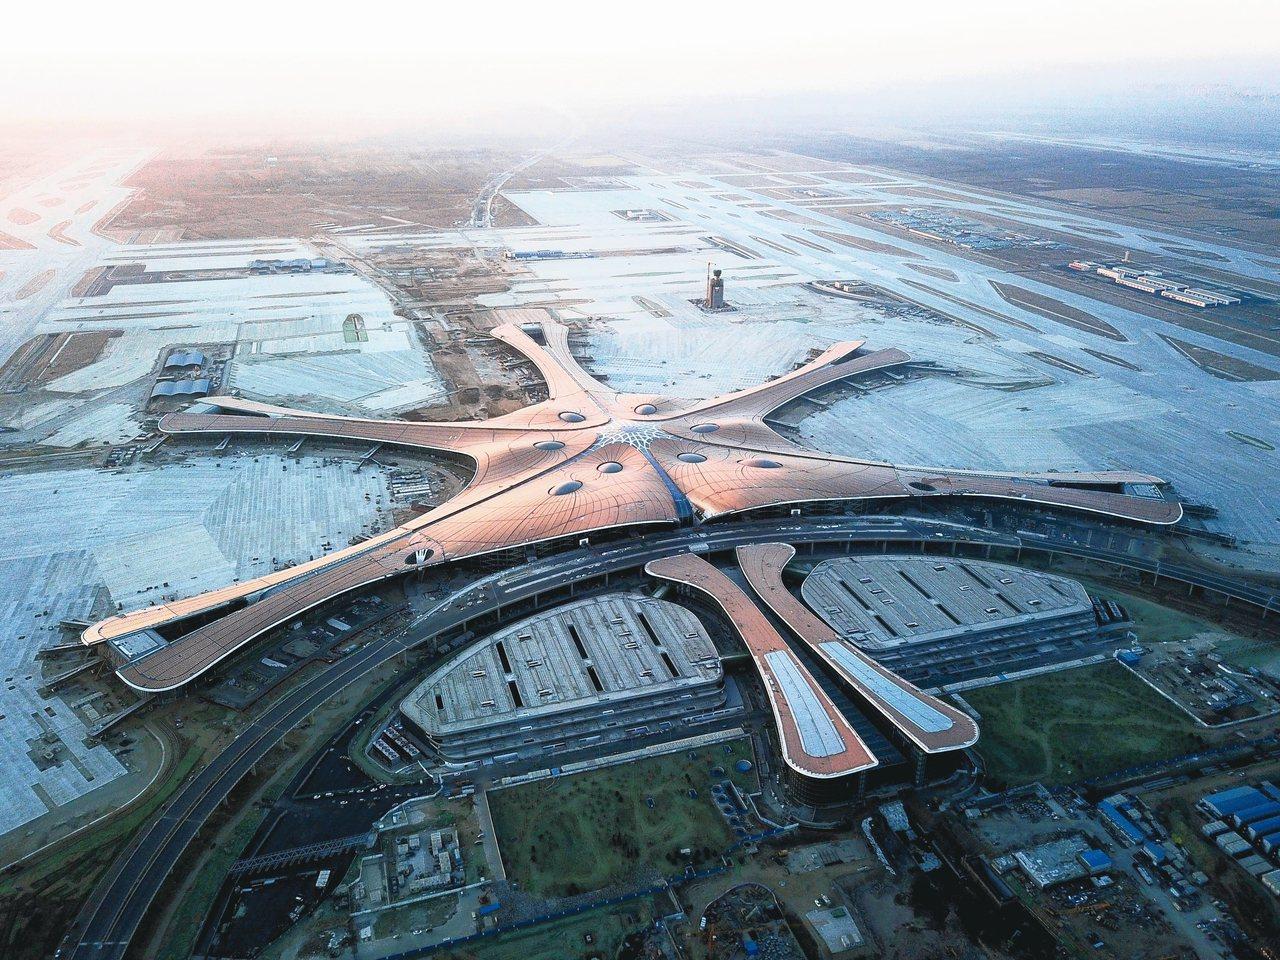 耗資約三千六百億元新台幣、歷時四年建造,被譽為大陸「新國門」的北京大興國際機場,...